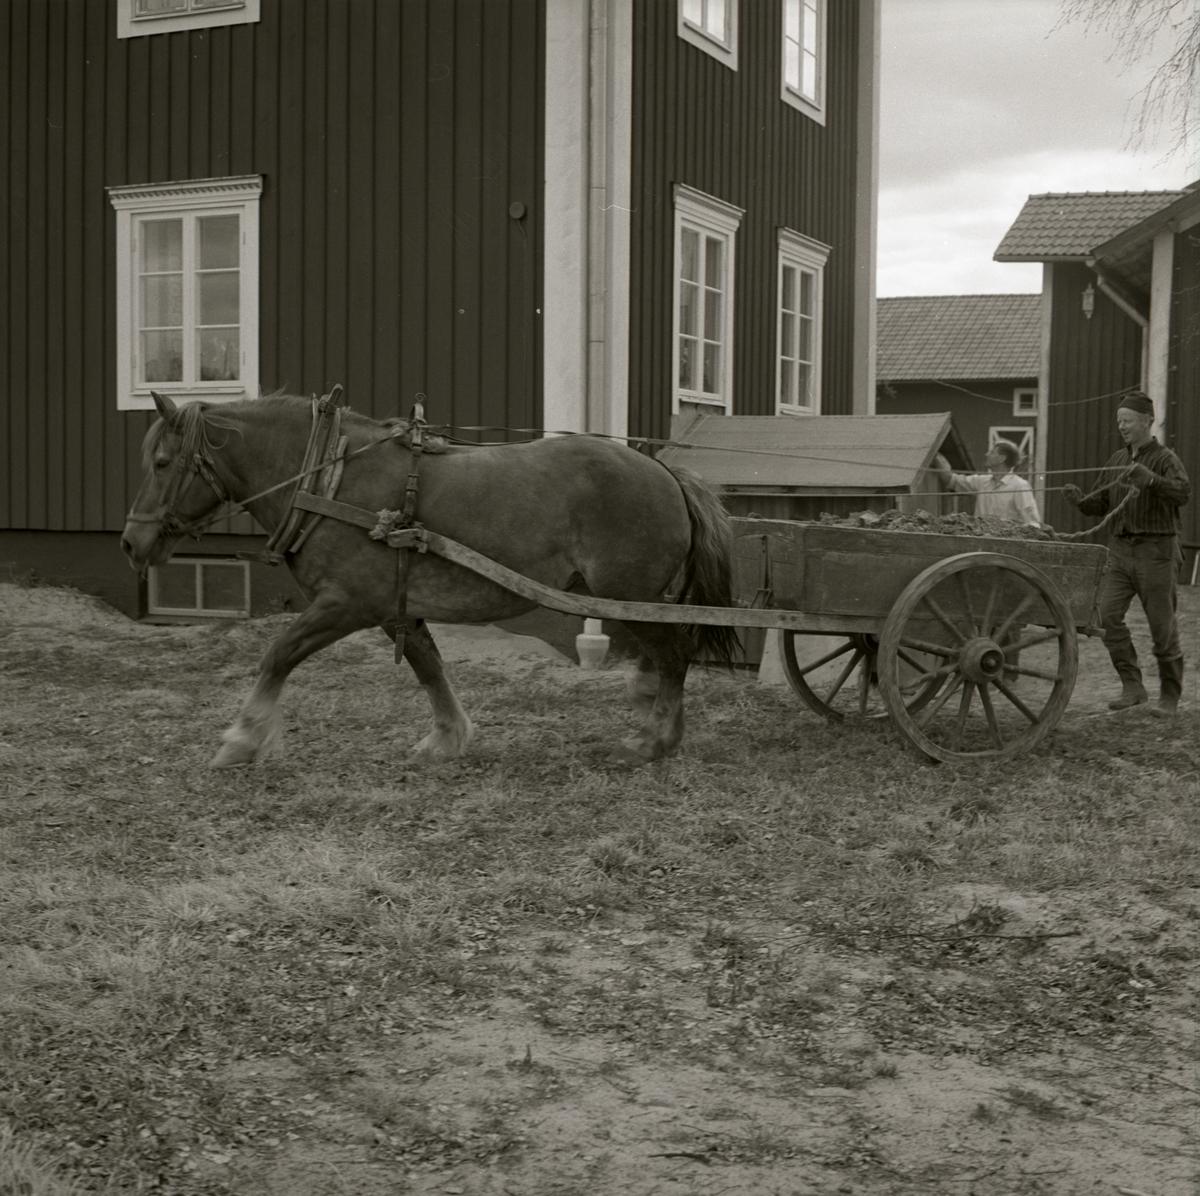 En man kör en häst med vagn på gården Sunnanåker, 1971.